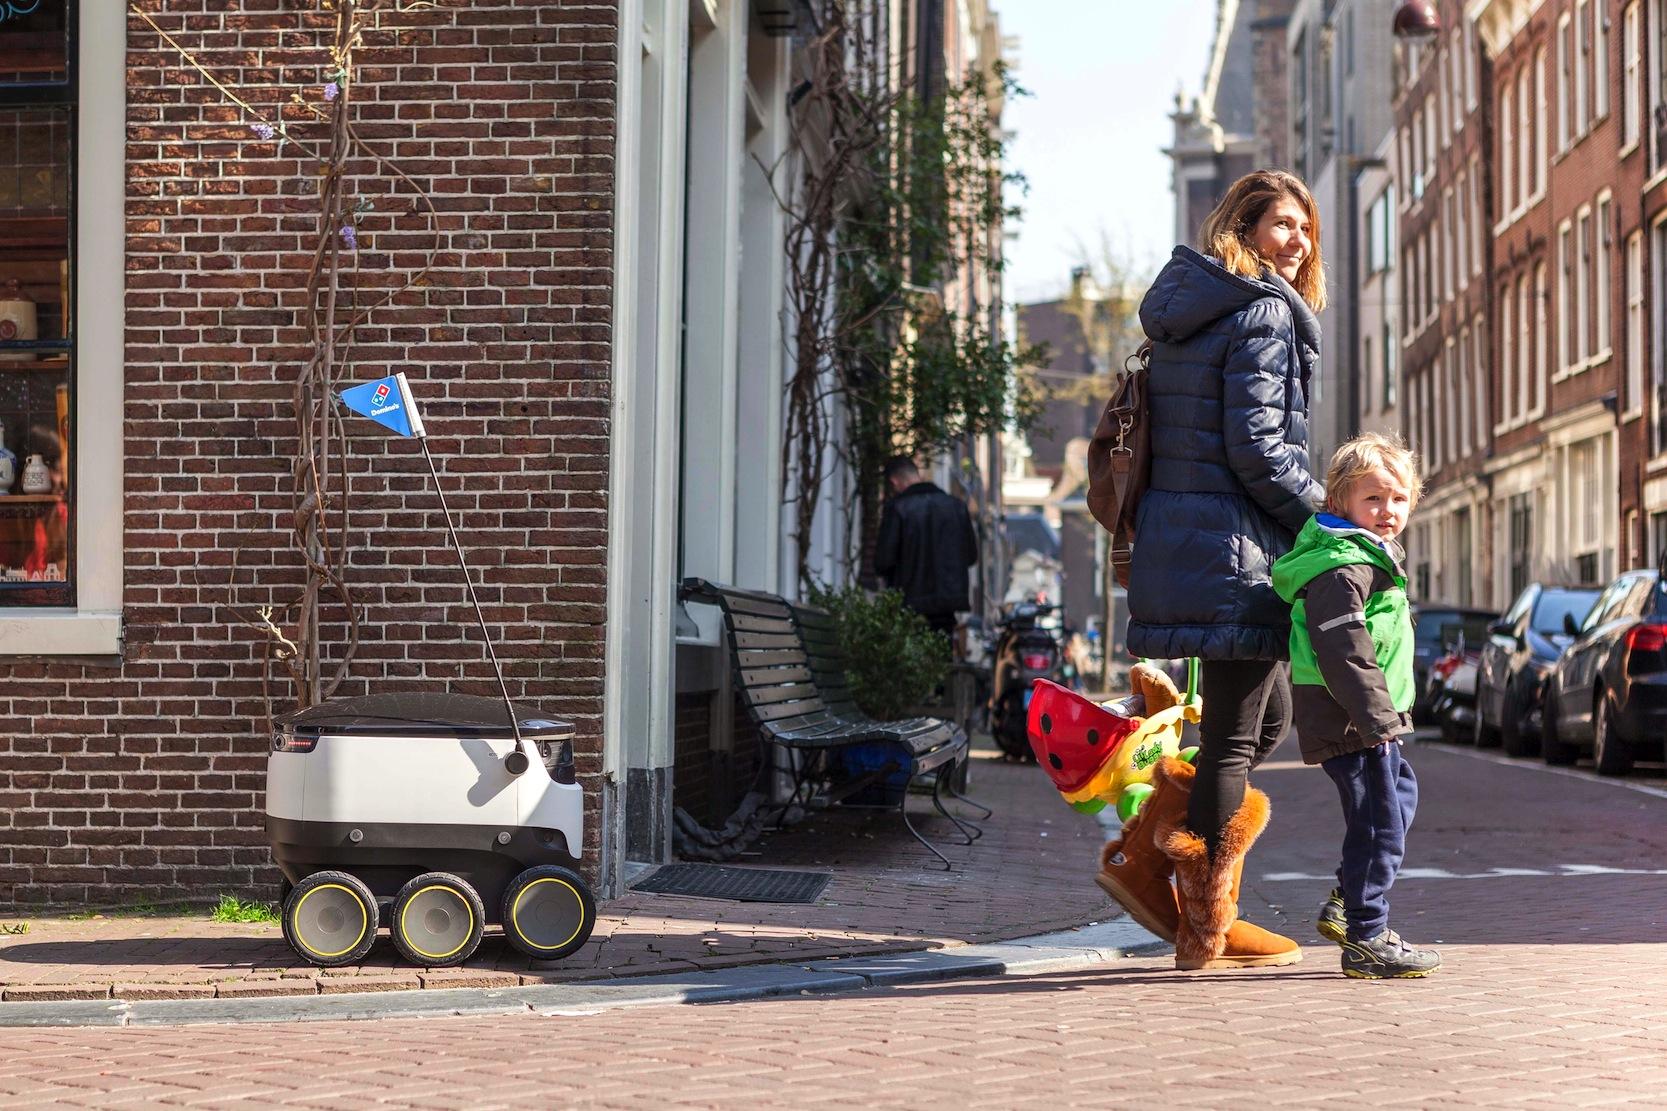 Der Testbetrieb mit Lieferrobotern in Hamburg soll in zwei Monaten beginnen.